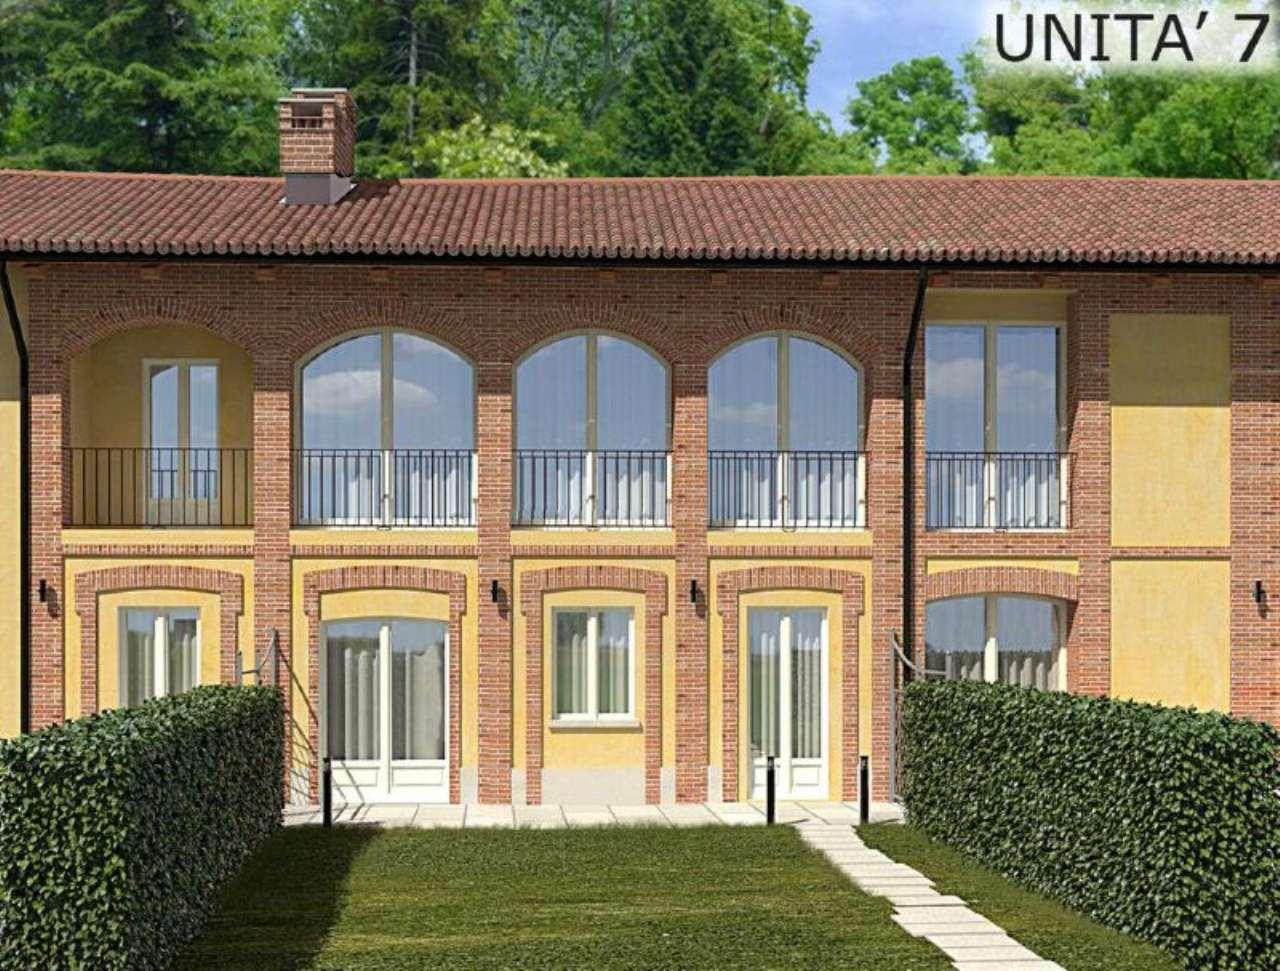 Rustico / Casale in vendita a Chieri, 4 locali, prezzo € 316.000 | CambioCasa.it